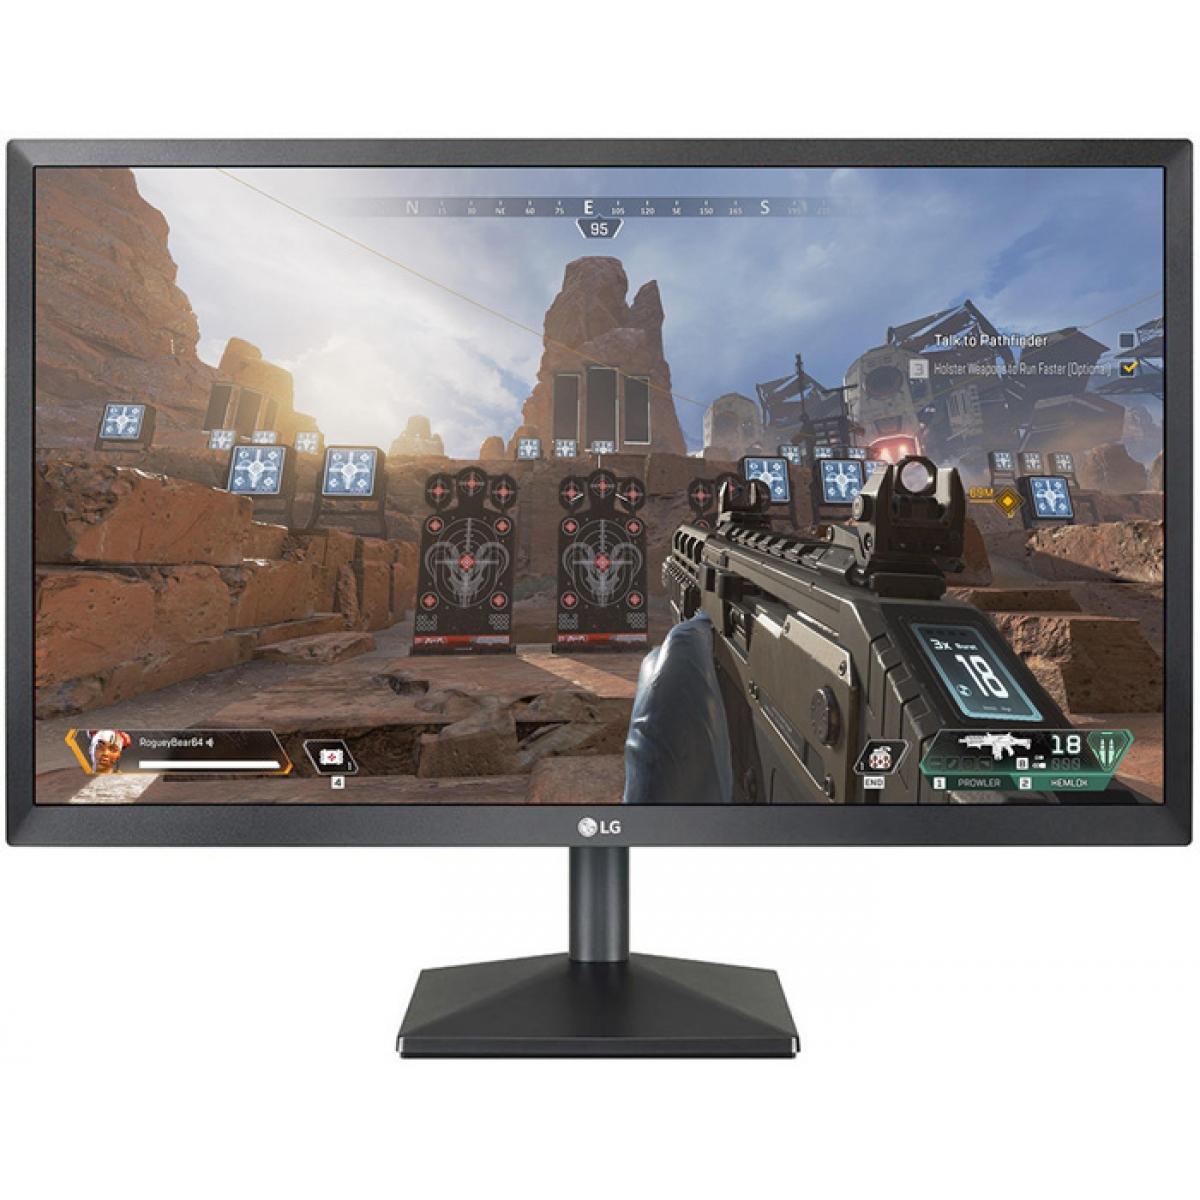 Monitor Gamer LG 23 Pol, Full HD, AMD FreeSync, HDMI, 24MK430H-B